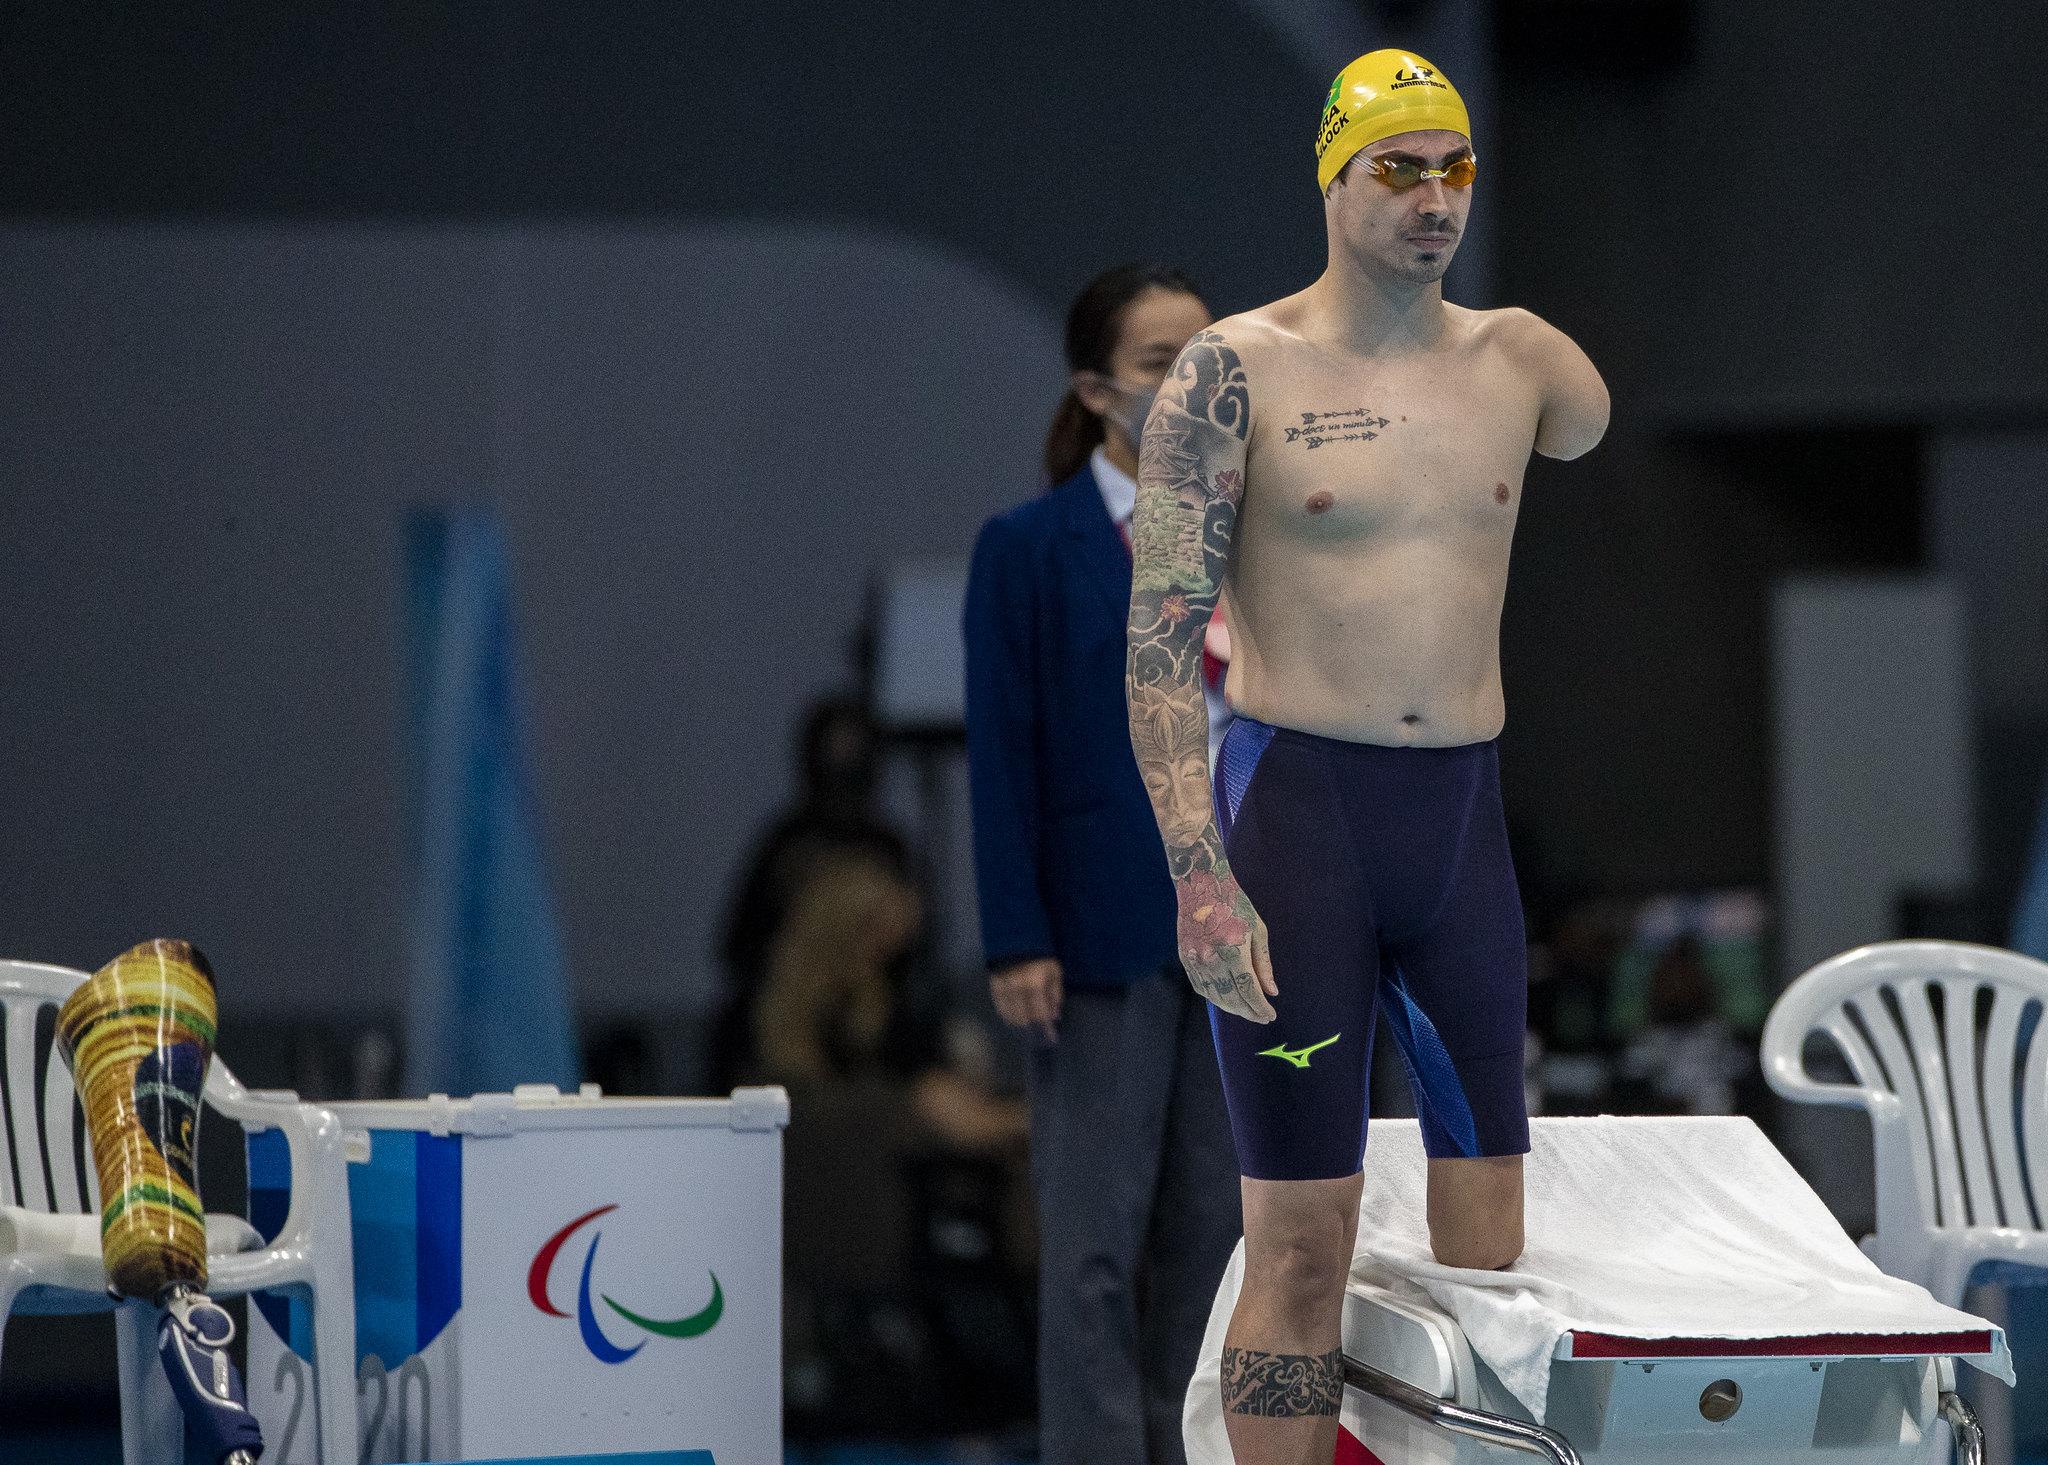 Talisson Glock, sem braço e parte da perna do lado esquerdo, a beira da piscina em pé.